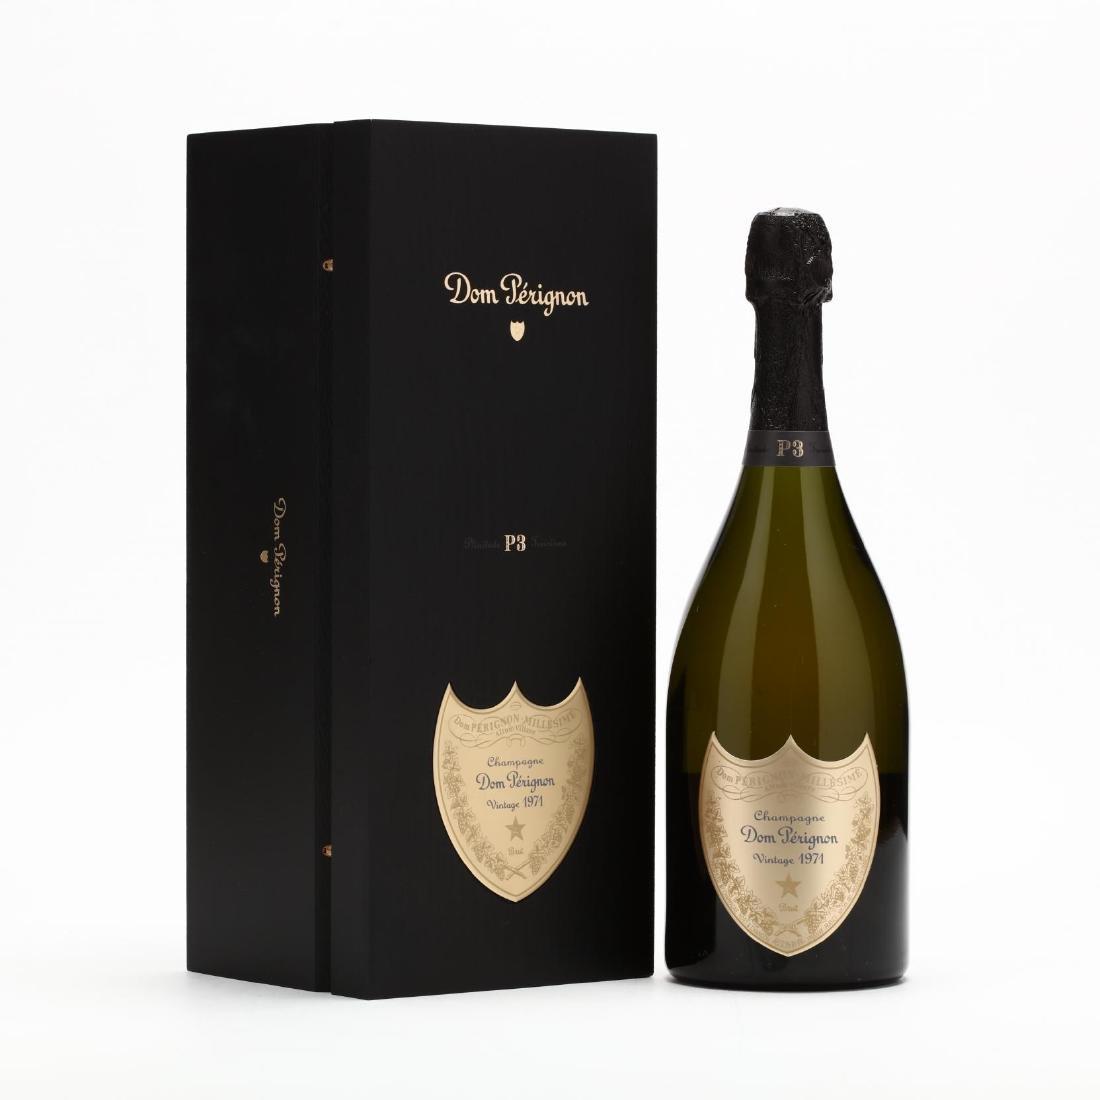 Moet et Chandon Champagne - Vintage 1971